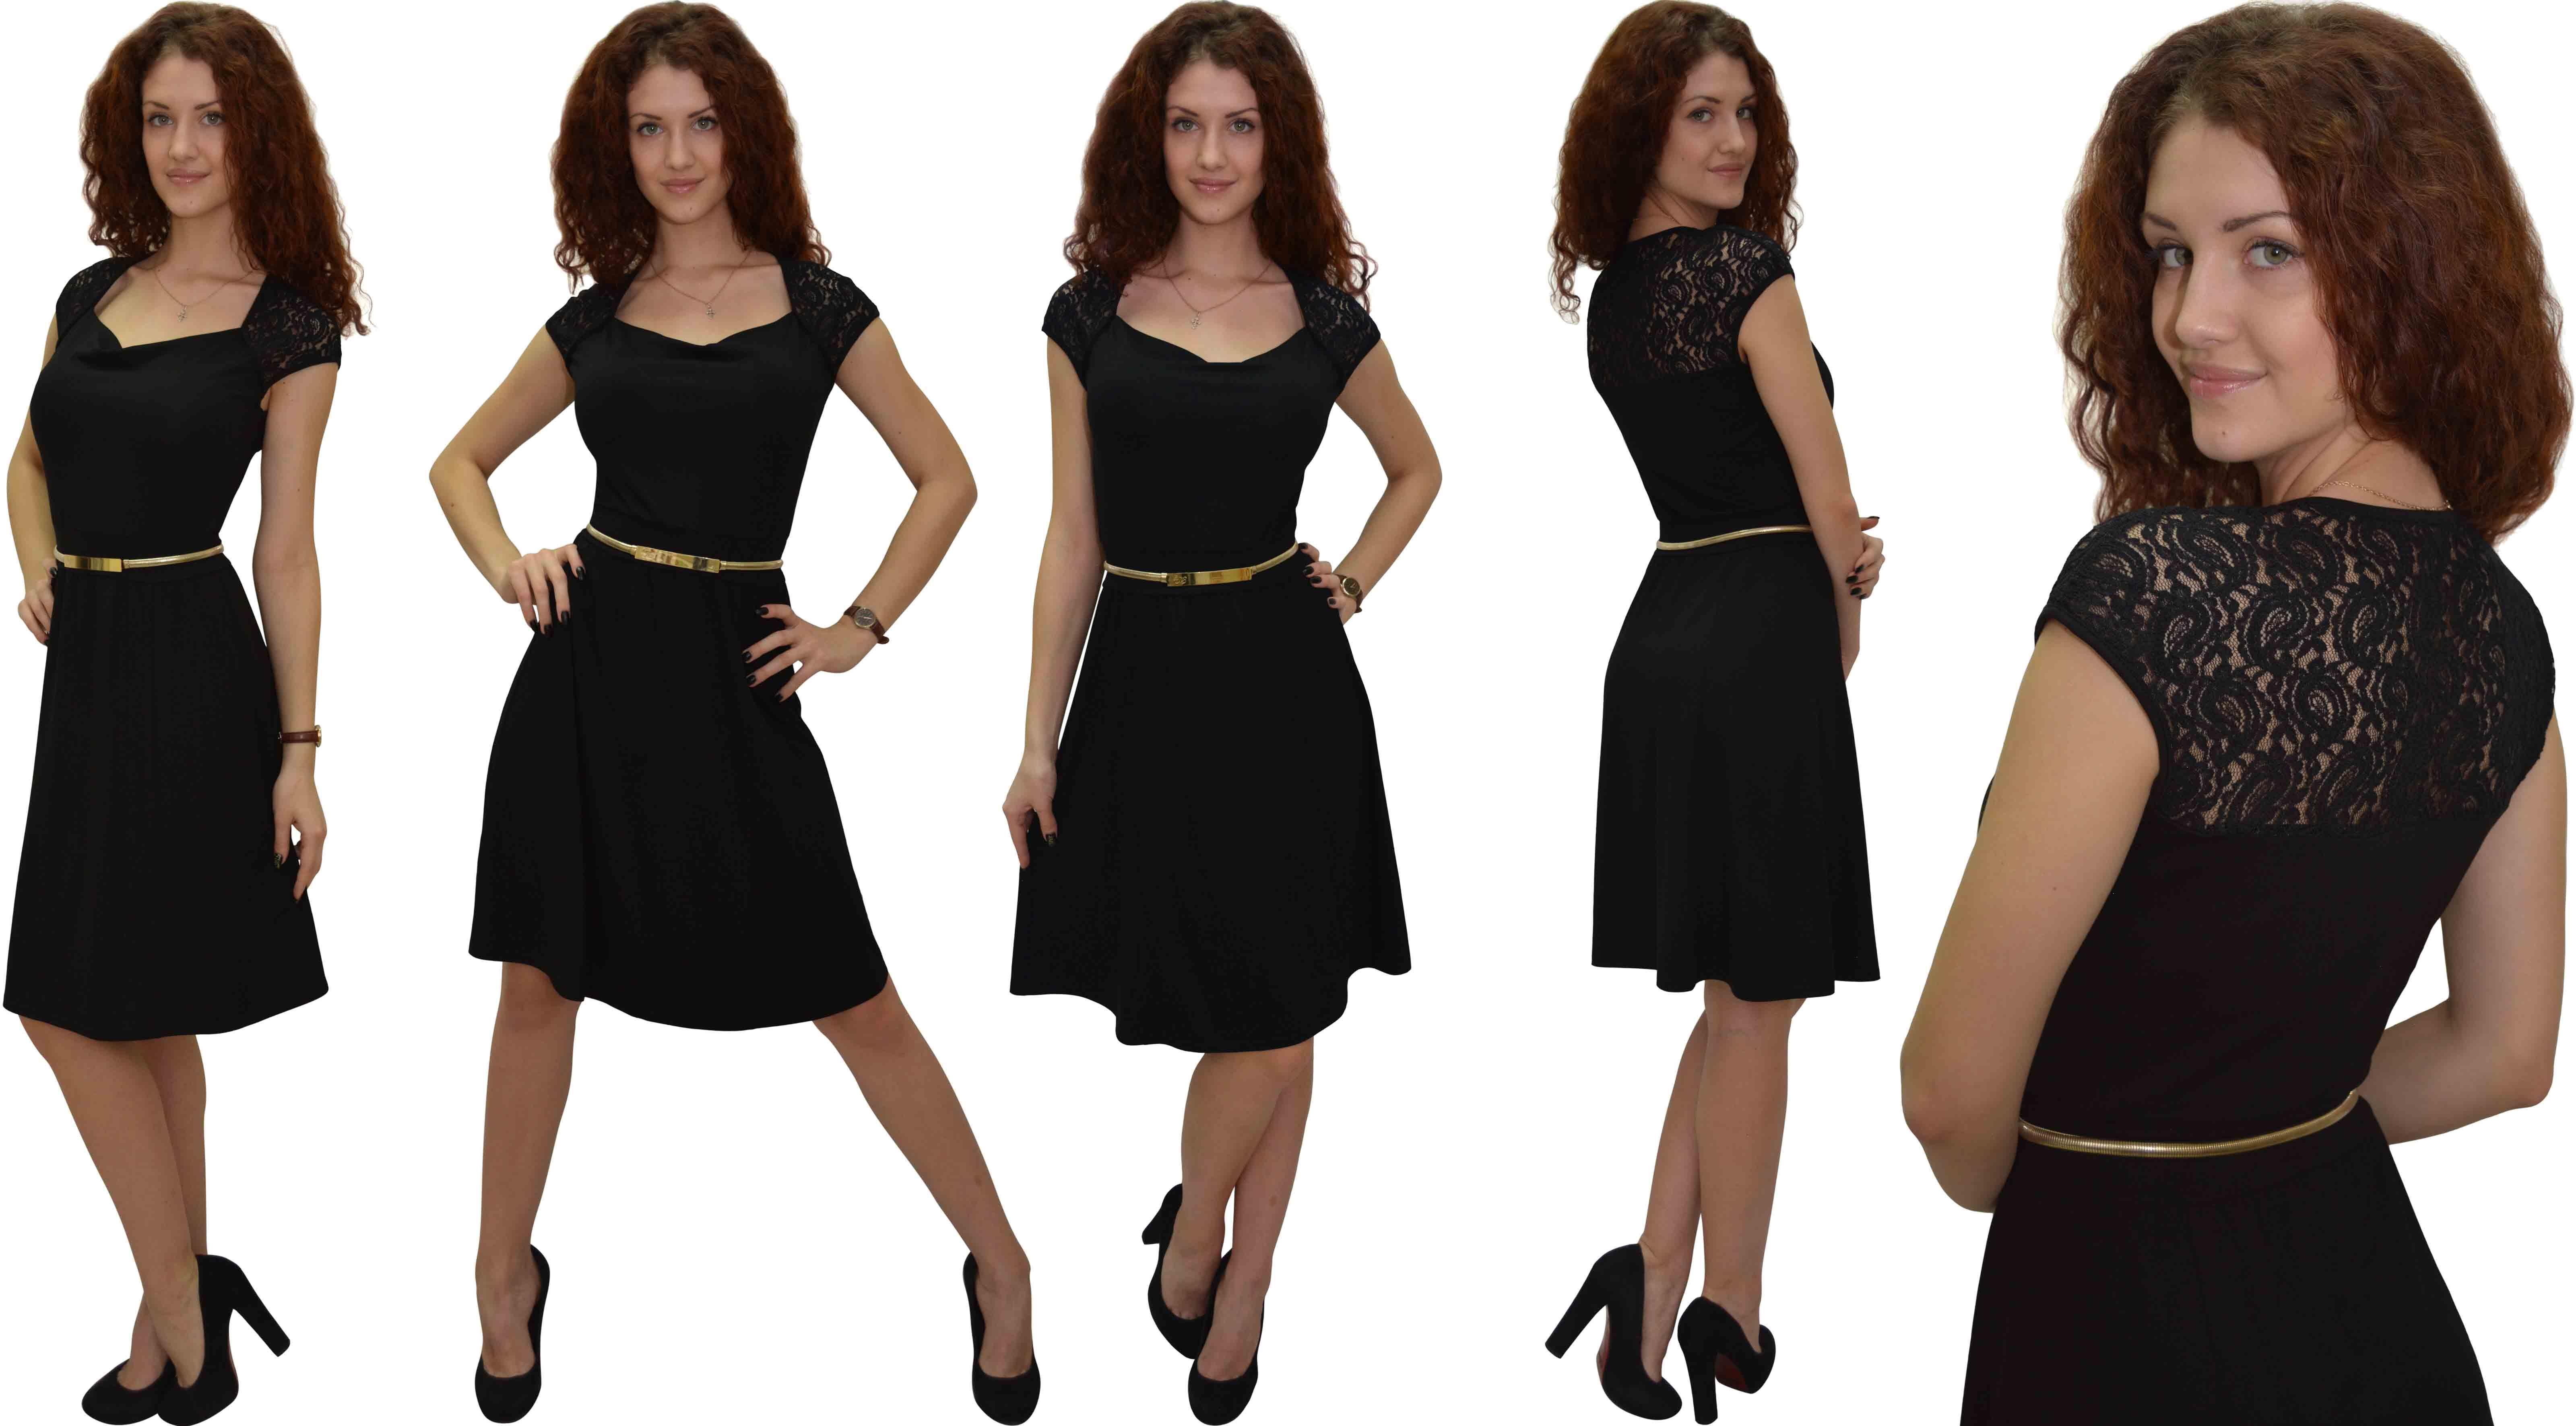 Серебряная ладья. Теперь платья от 180 руб! Распродажа лета и новые модели зима.